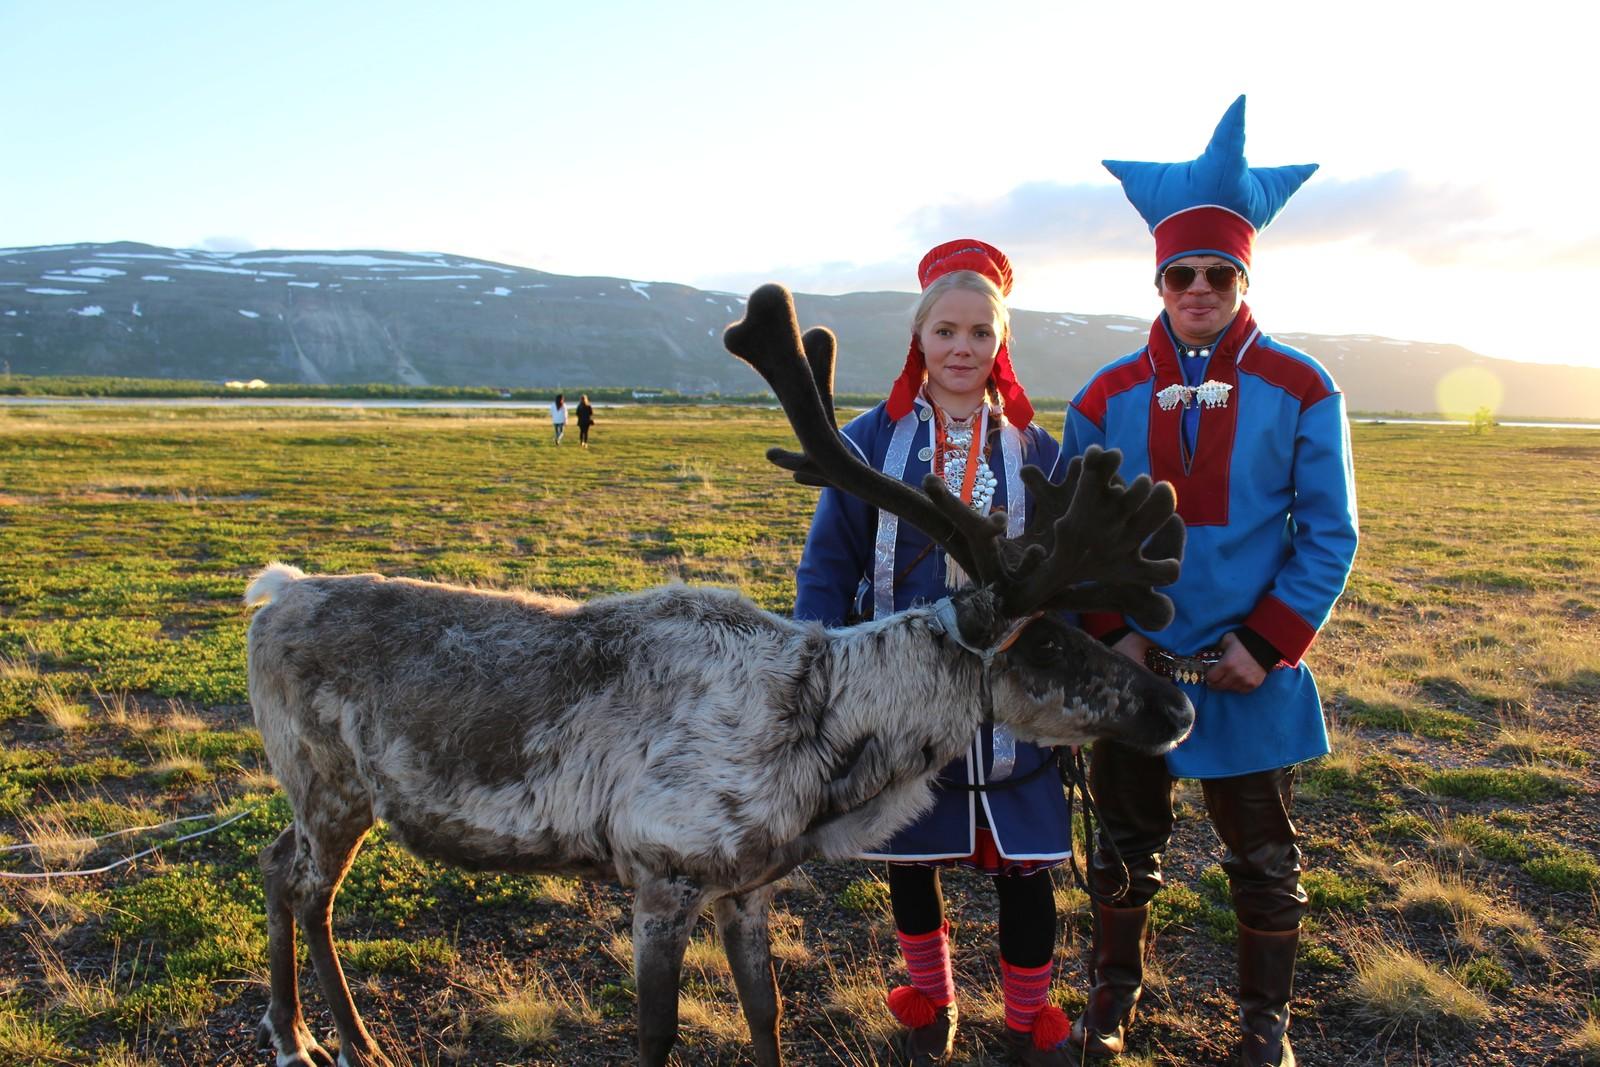 STOLTE EIERE: Anne Louise Næss Gaup og Mathias Aslak Eira poserer med dagens kjendis, de er selvfølgelige stolte matforeldre.